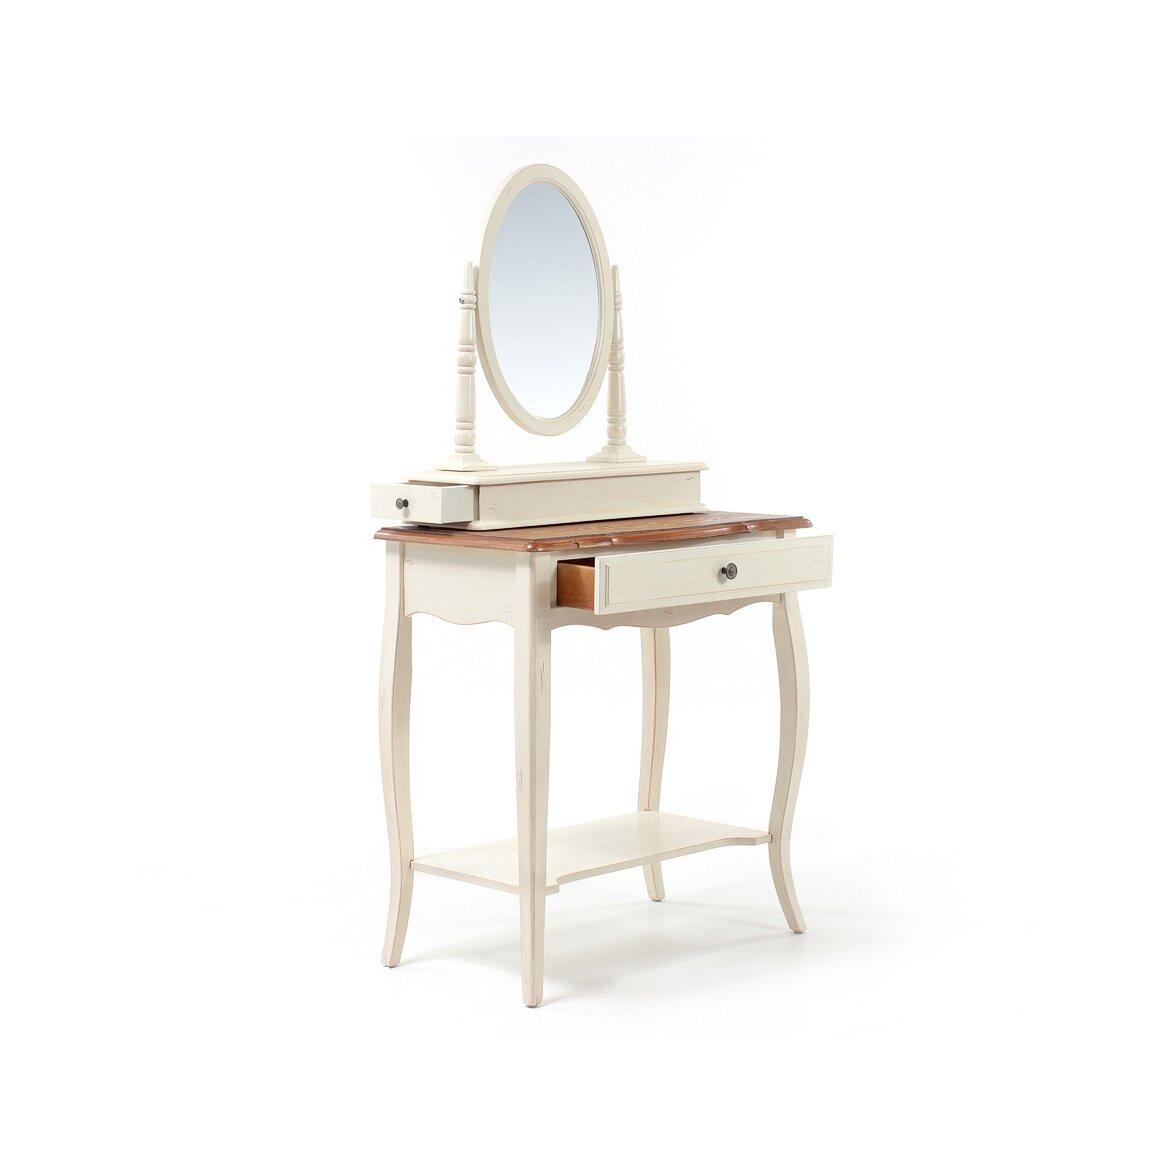 Туалетный столик с овальным зеркалом Leontina, бежевого цвета 5   Туалетные столики Kingsby